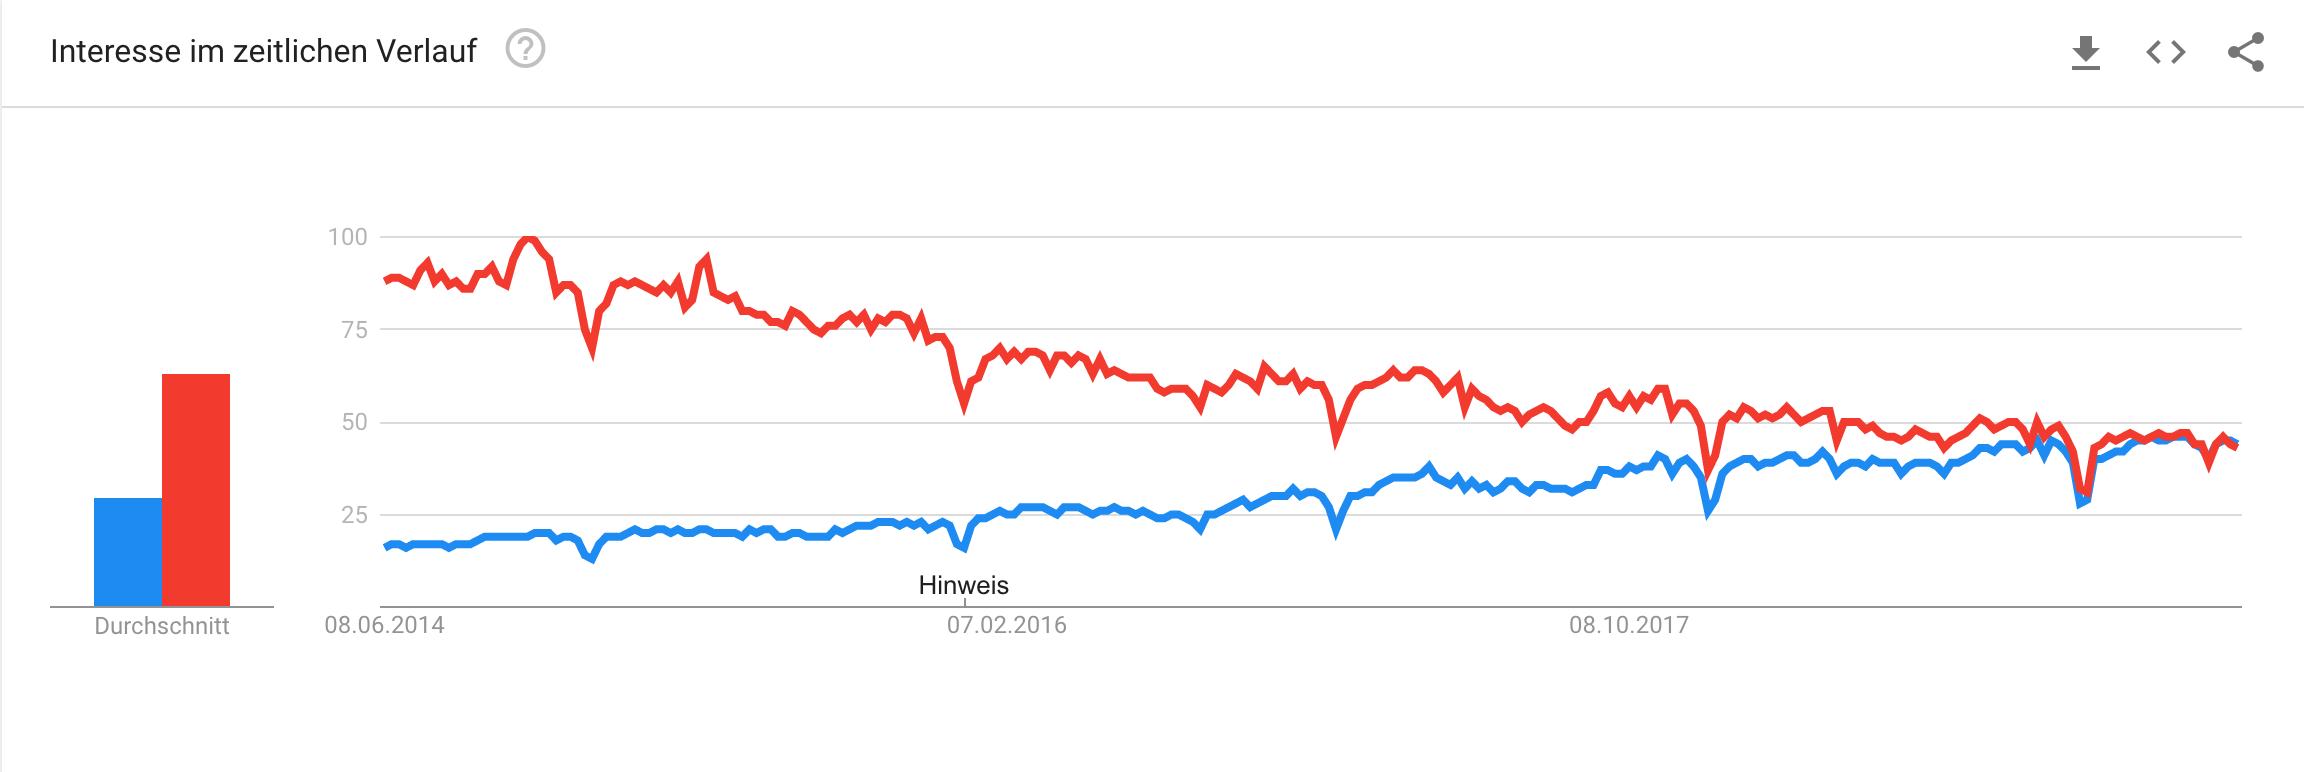 Traffic nach Google Trends. Java in rot und Python in blau